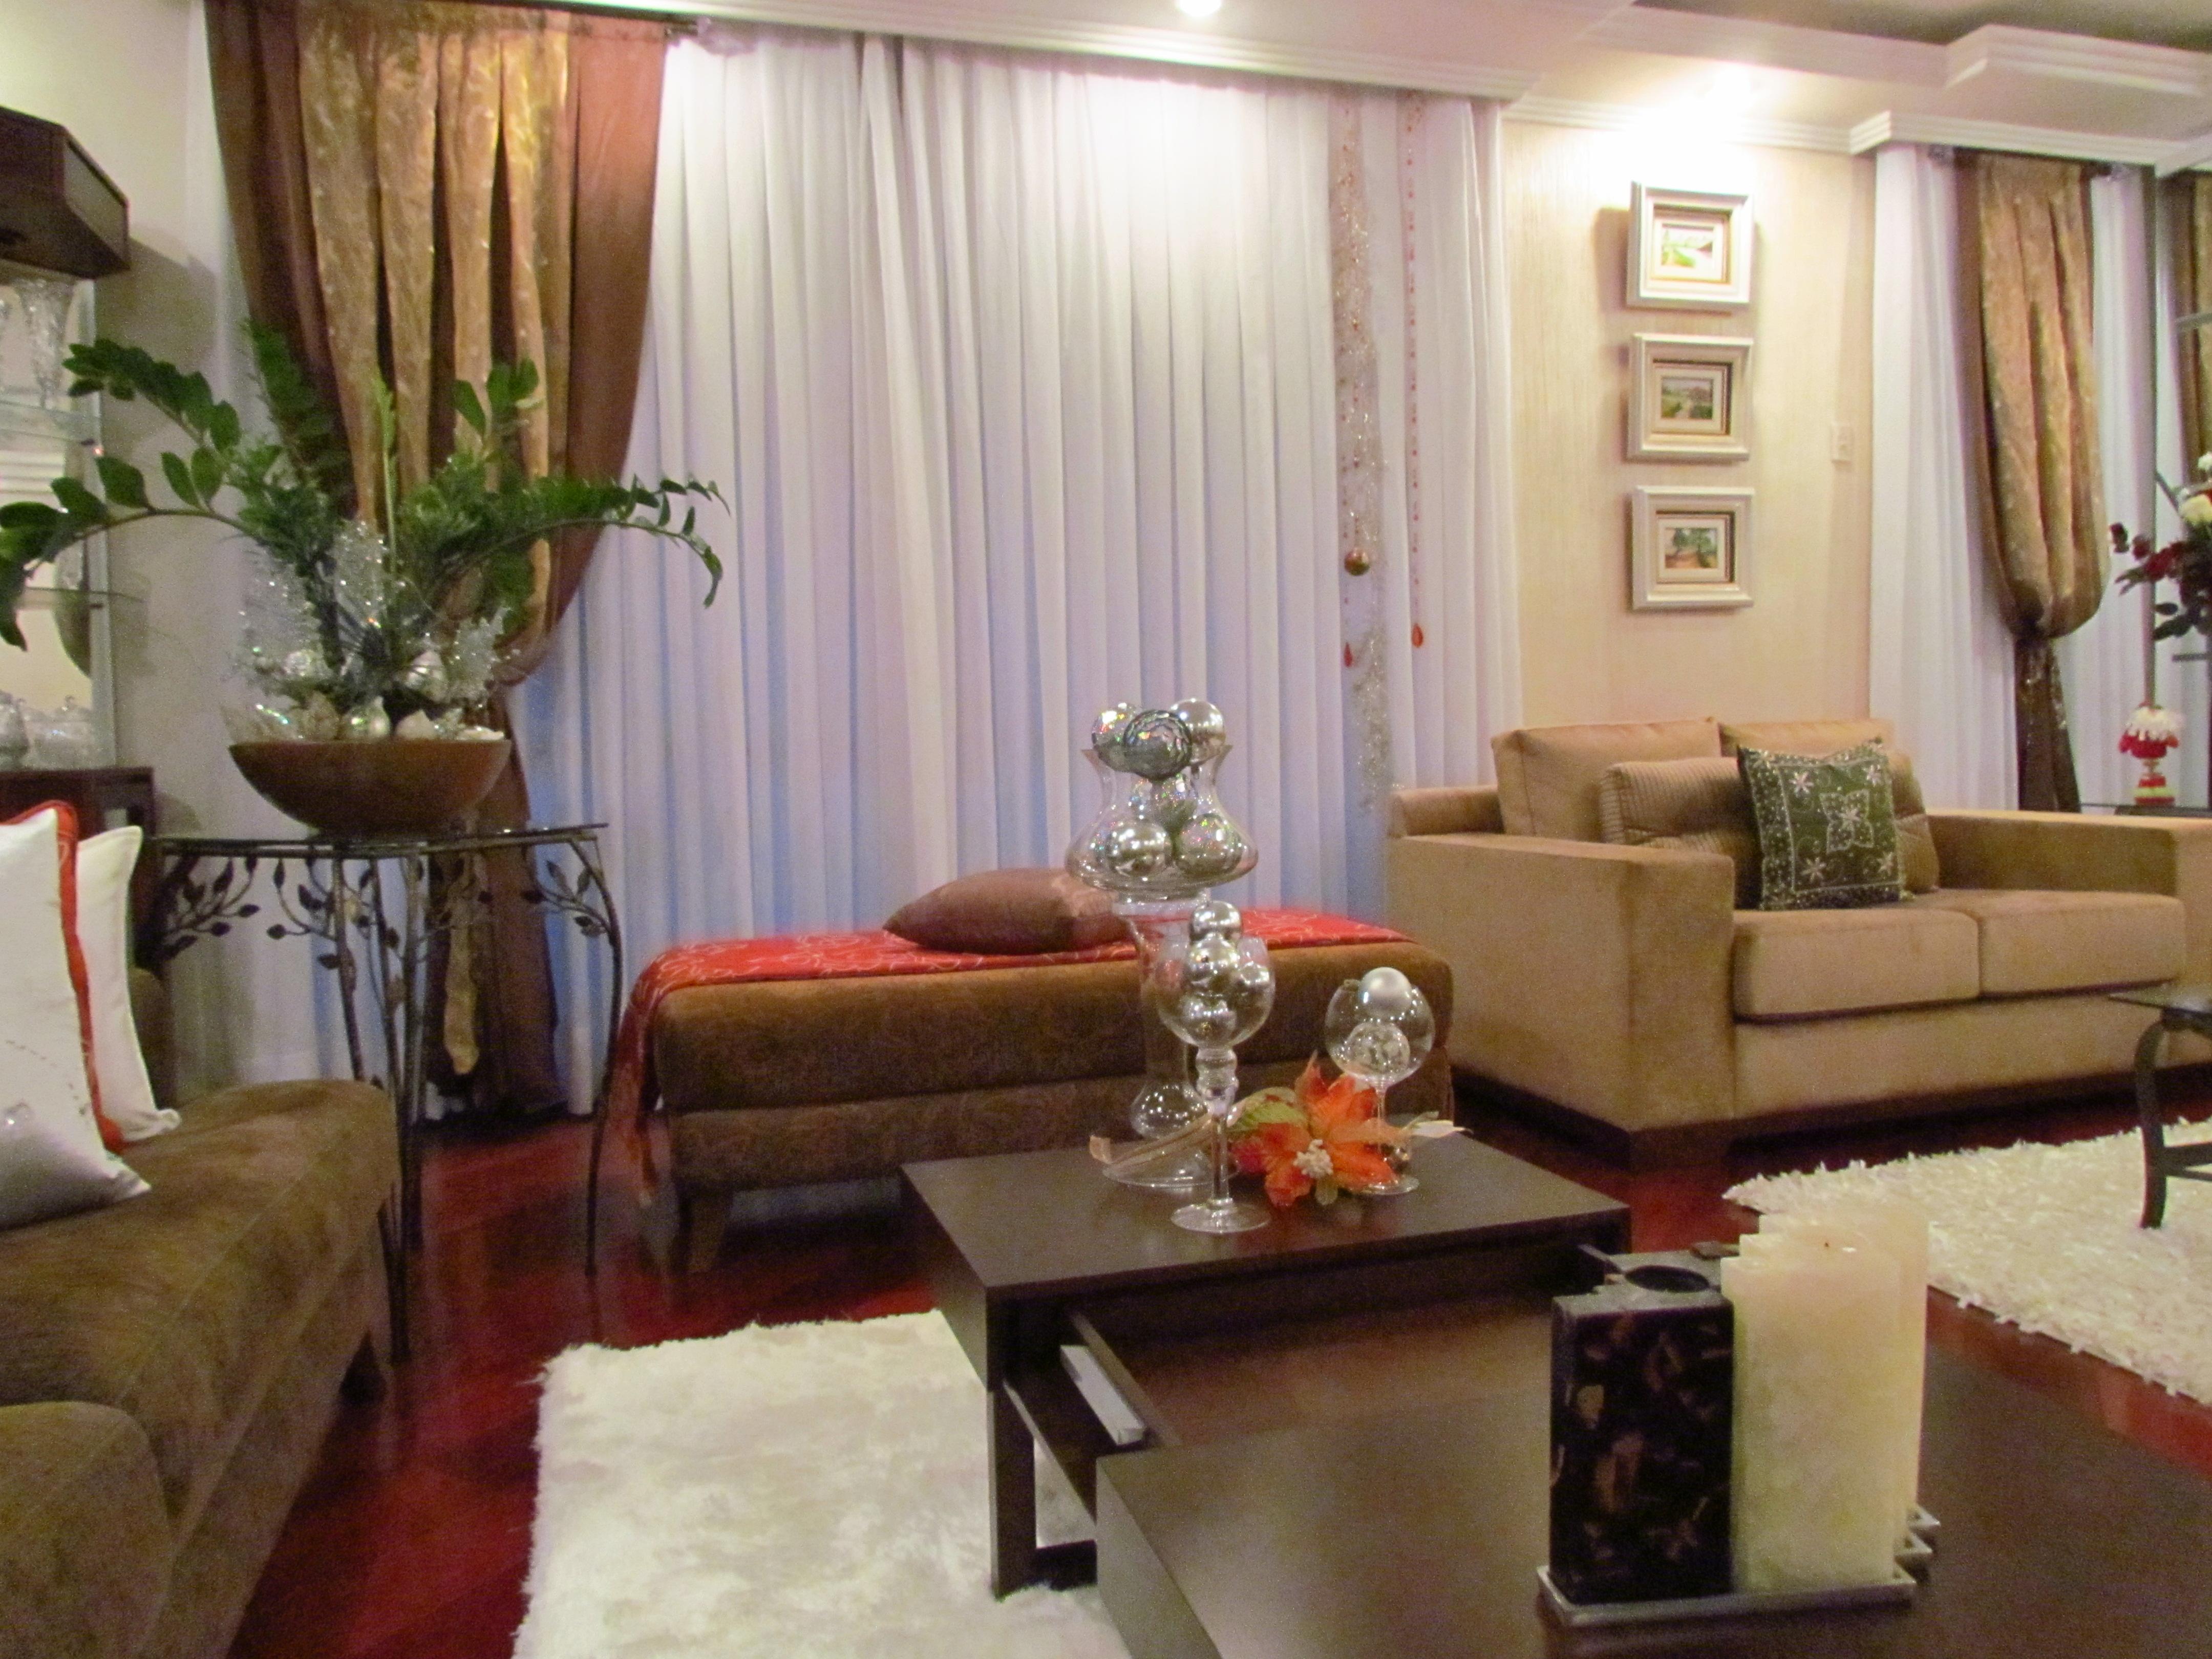 #994F32 sala de estar 4320x3240 píxeis em Decoração De Natal Simples Para Sala De Aula